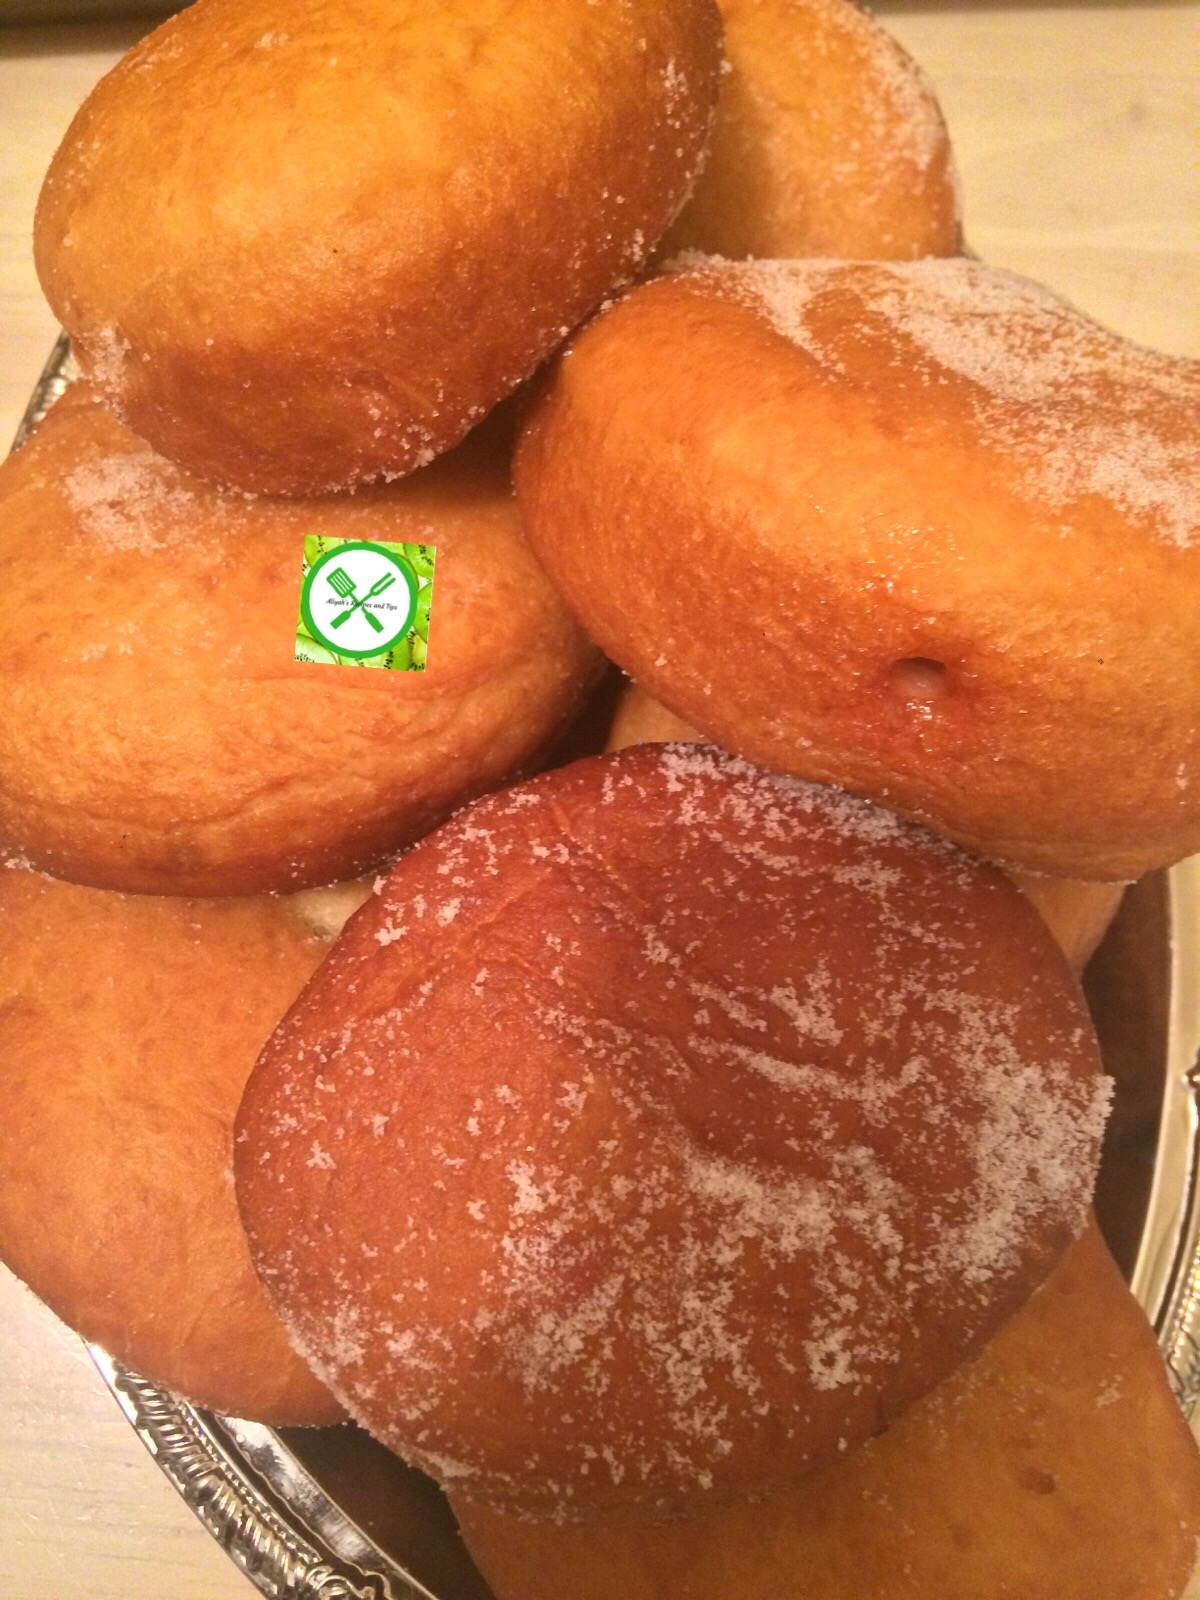 Jelly Donut Recipe, jelly donut, cute, heart, inside, cream, cherry, liquid, hanukkah jelly donuts, donkin donuts, dunkin doughnuts, snacks, jelly donut, jelly doughnuts, donuts, jelly doughnuts recipe, how to make jelly donuts, how to make jelly doughnuts, how to make doughnuts, how to make donuts